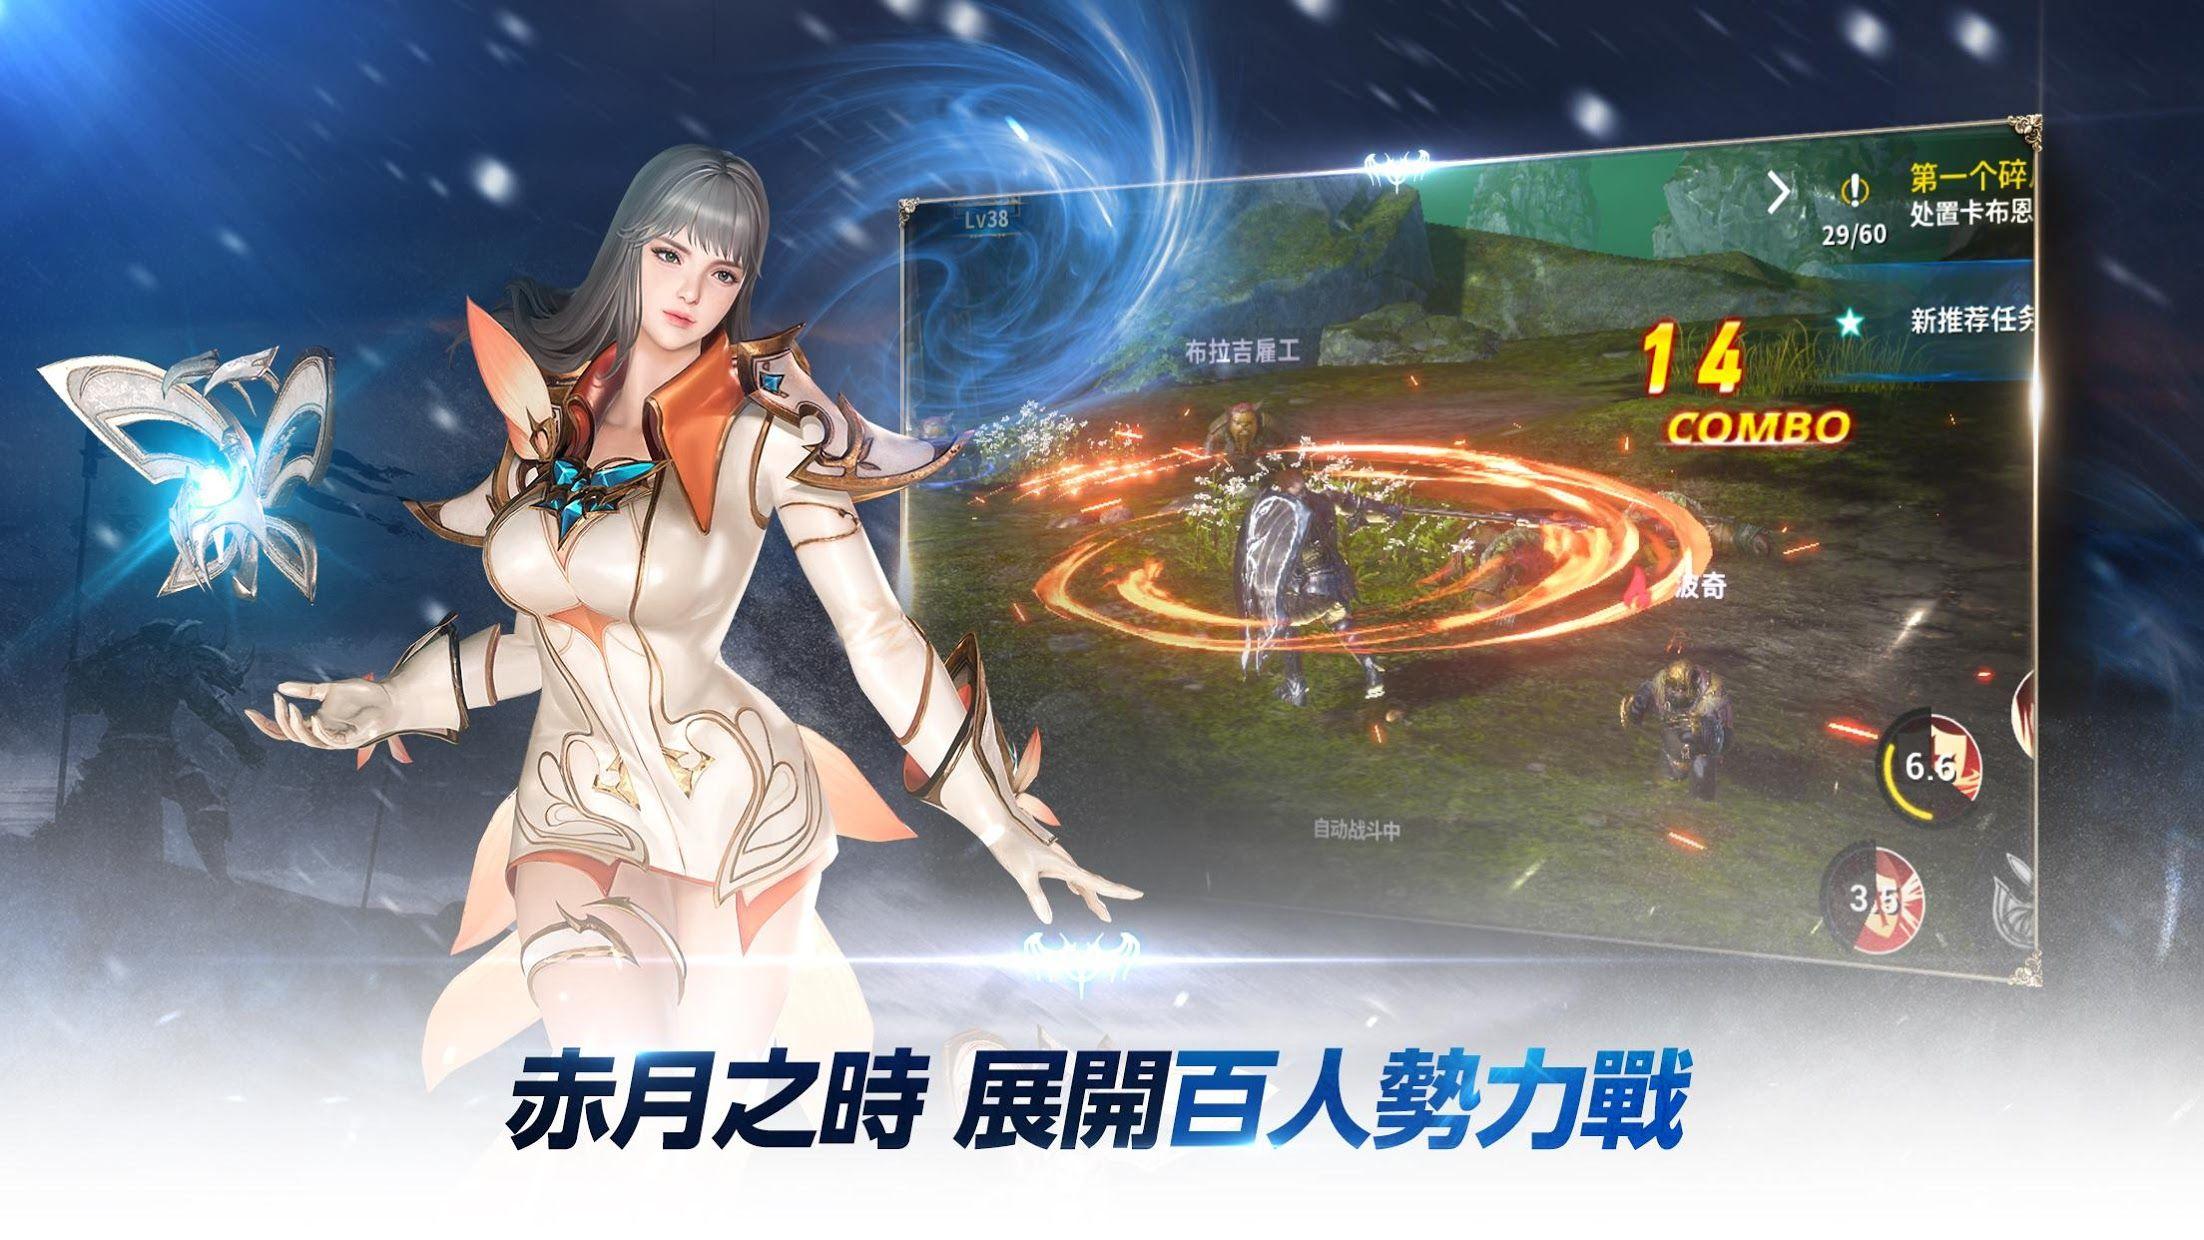 伊卡洛斯M - Icarus M(台服) 游戏截图5